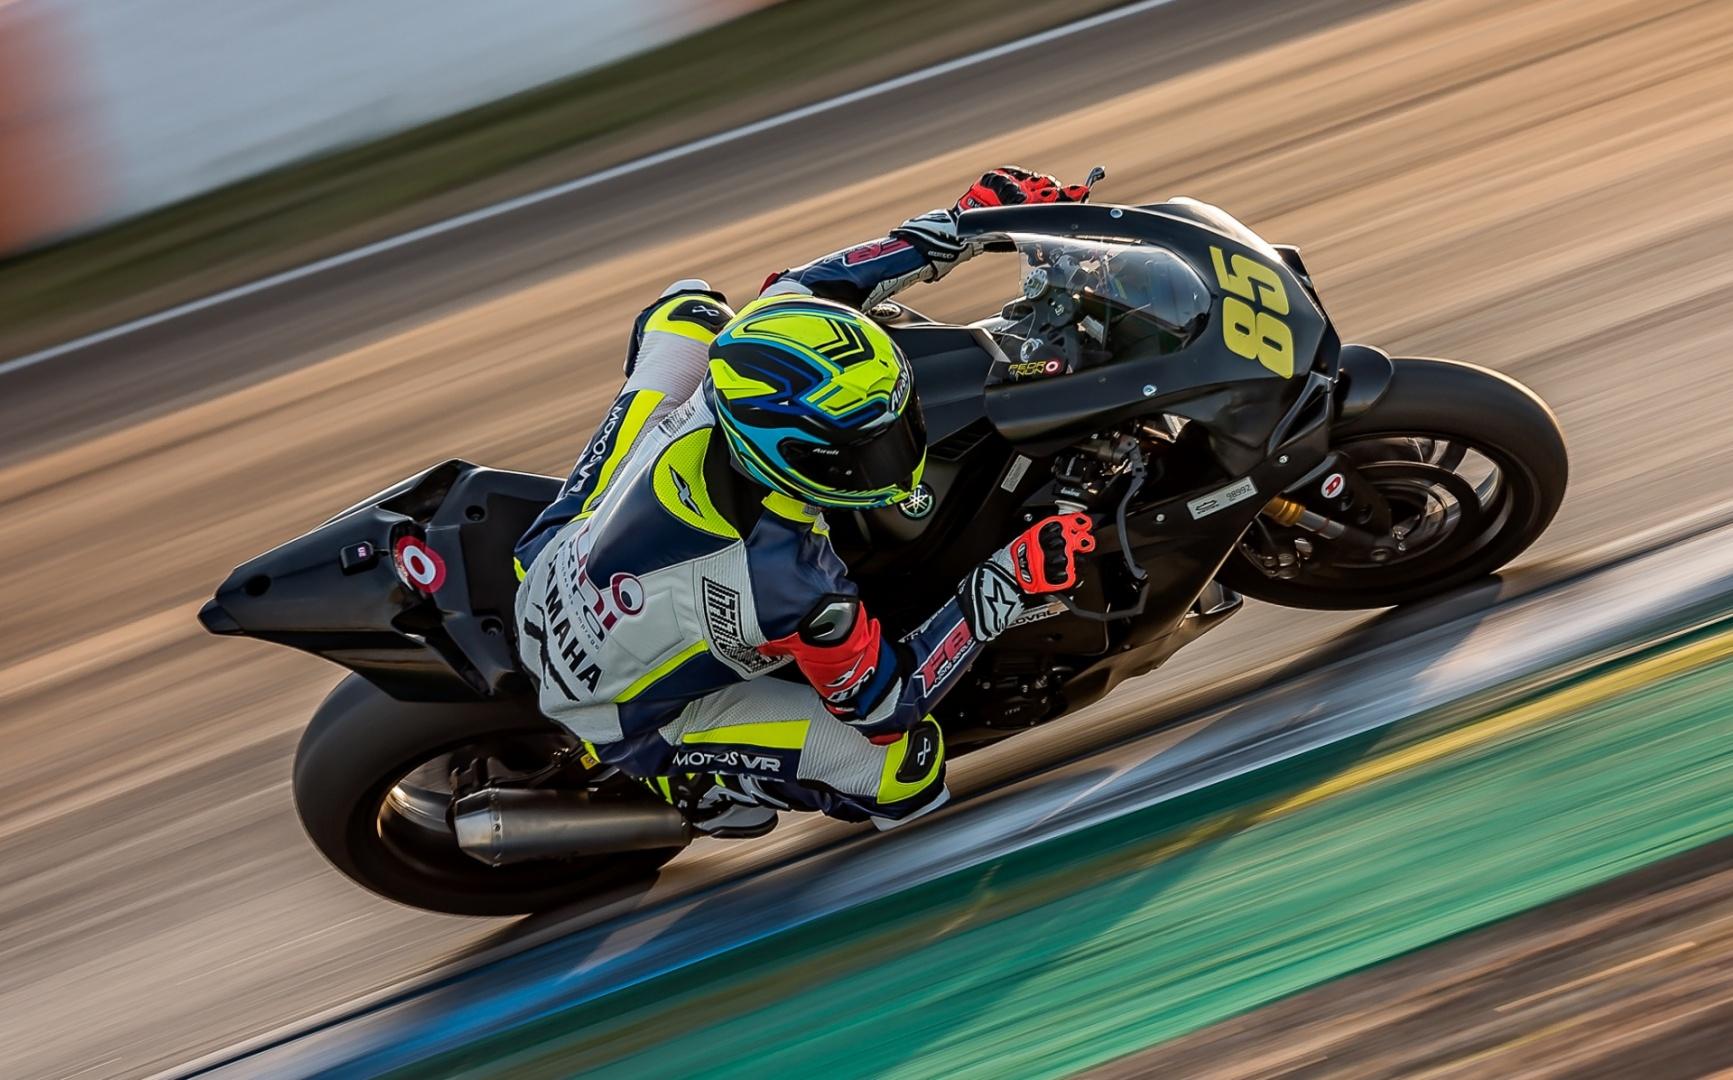 Desporto e Ação/Moto Gp Style